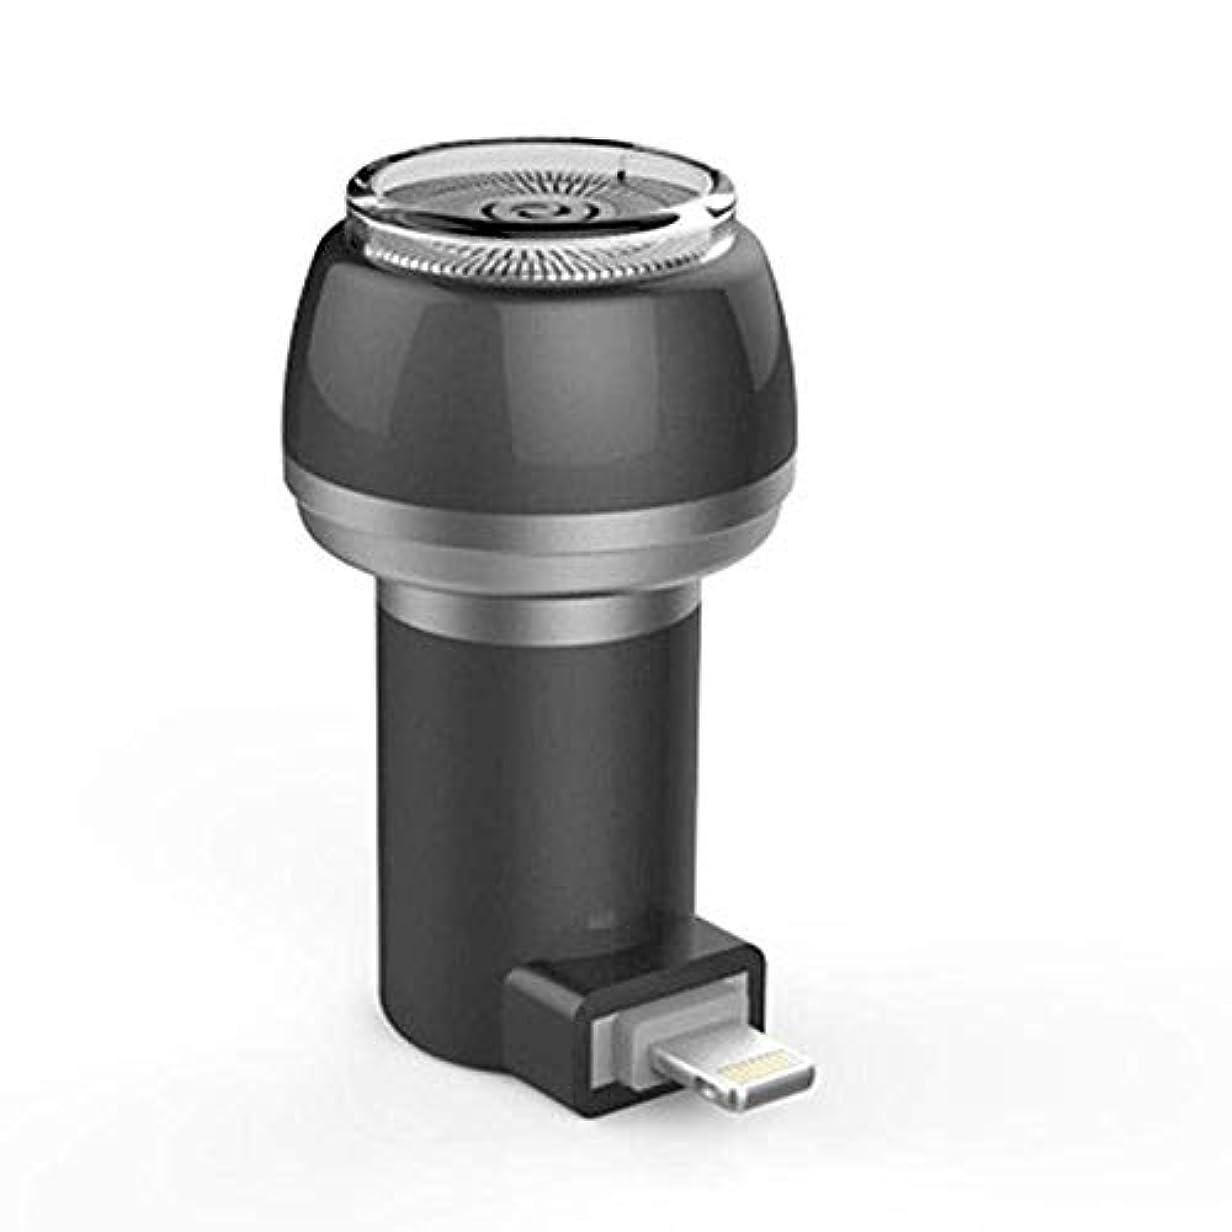 リングレット完璧な運動する電気かみそりミニ電気かみそりメンズ電気かみそり、磁気携帯電話プラグかみそり携帯電話/コンピューター/モバイル電源USB電源ポータブルビジネス海外対応モバイルかみそり (グレー)